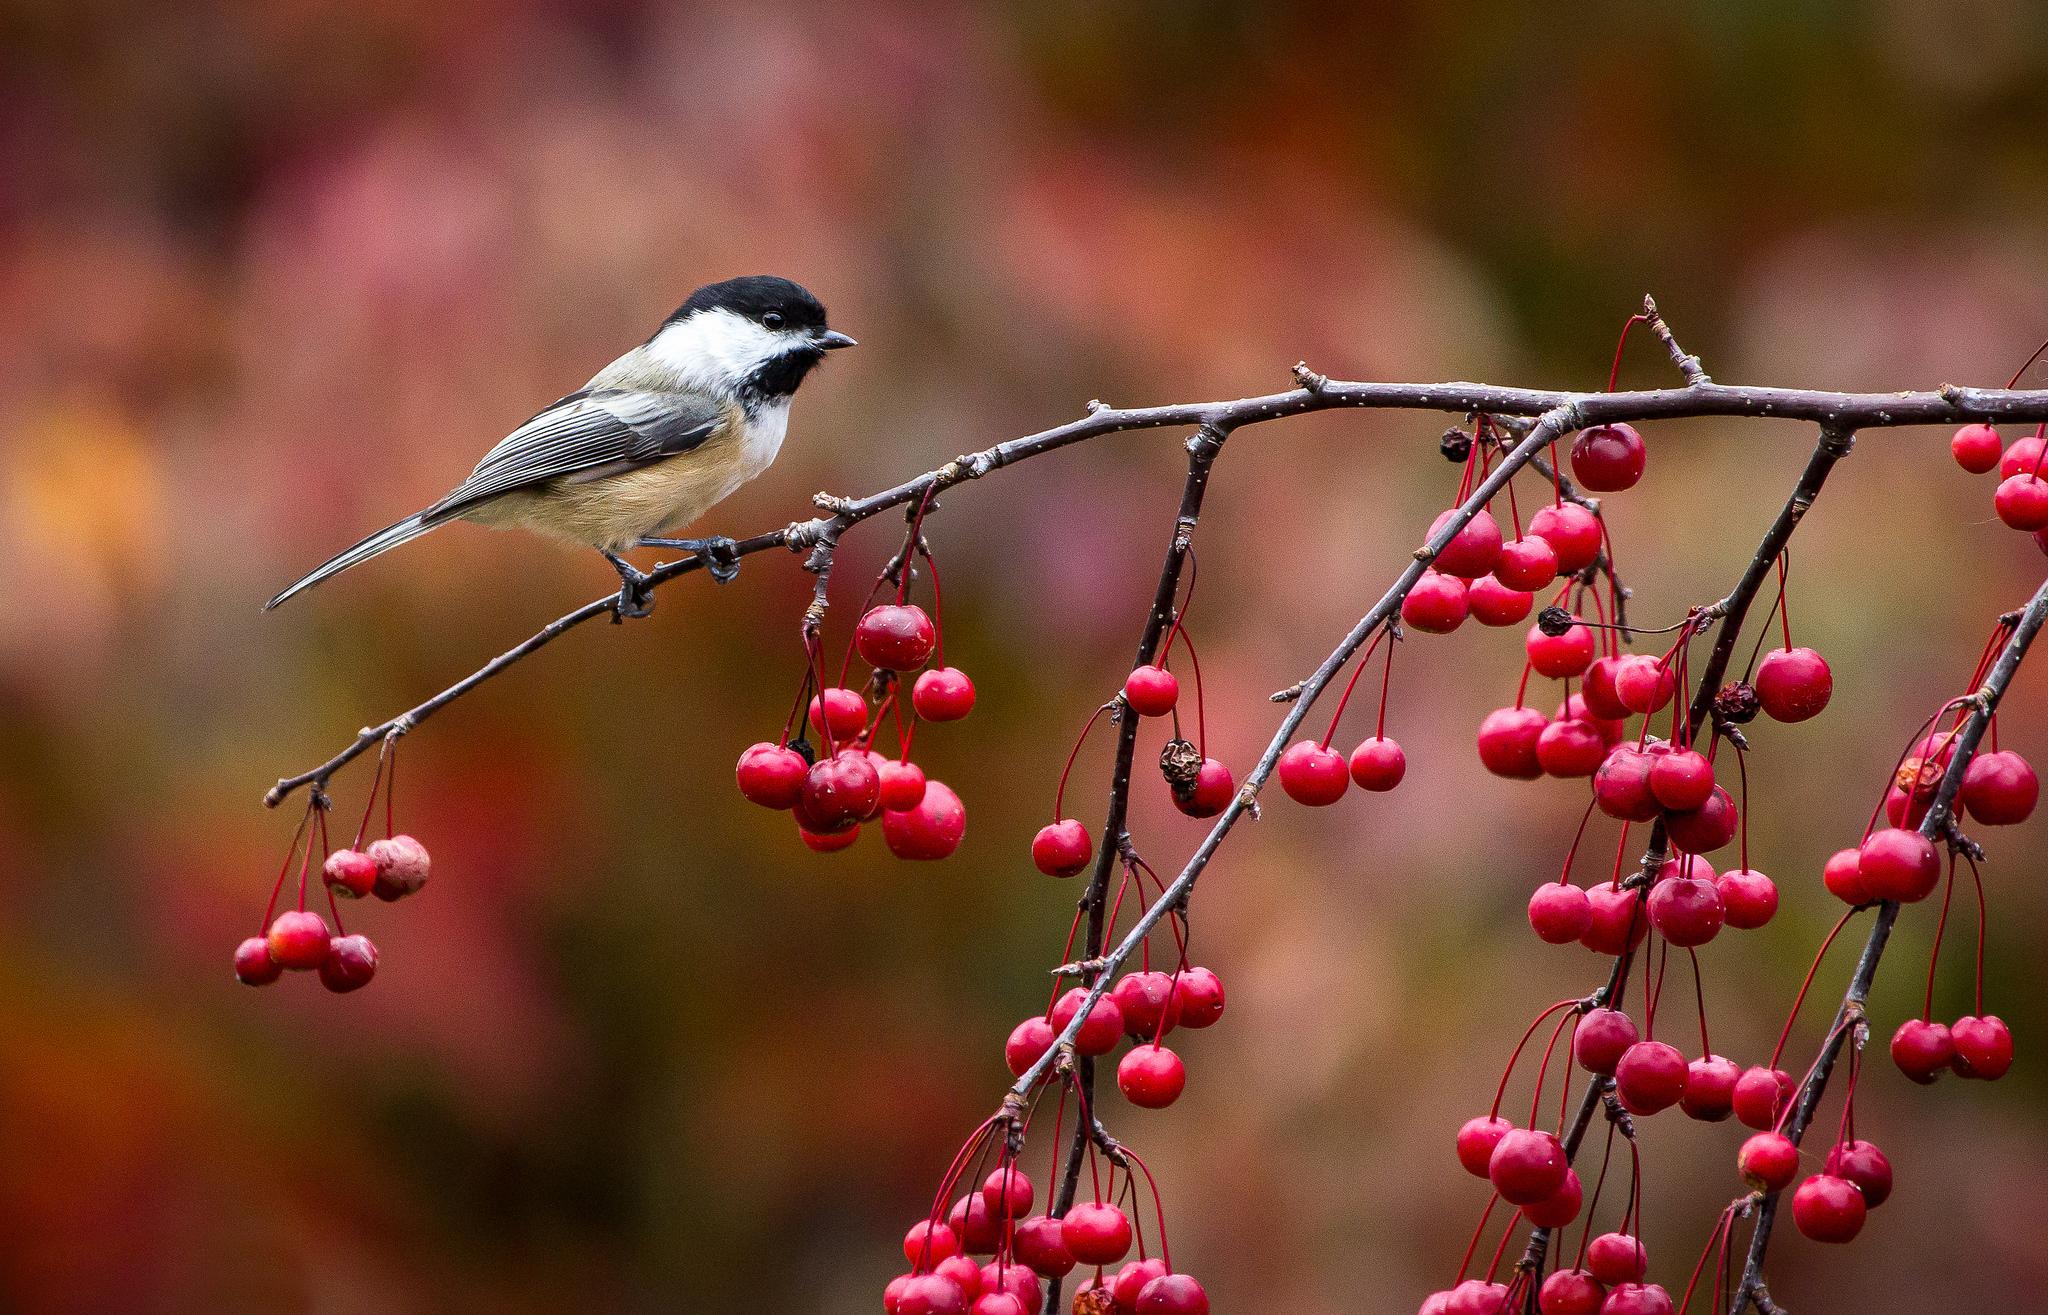 Птицы на ветке  № 1652638 бесплатно